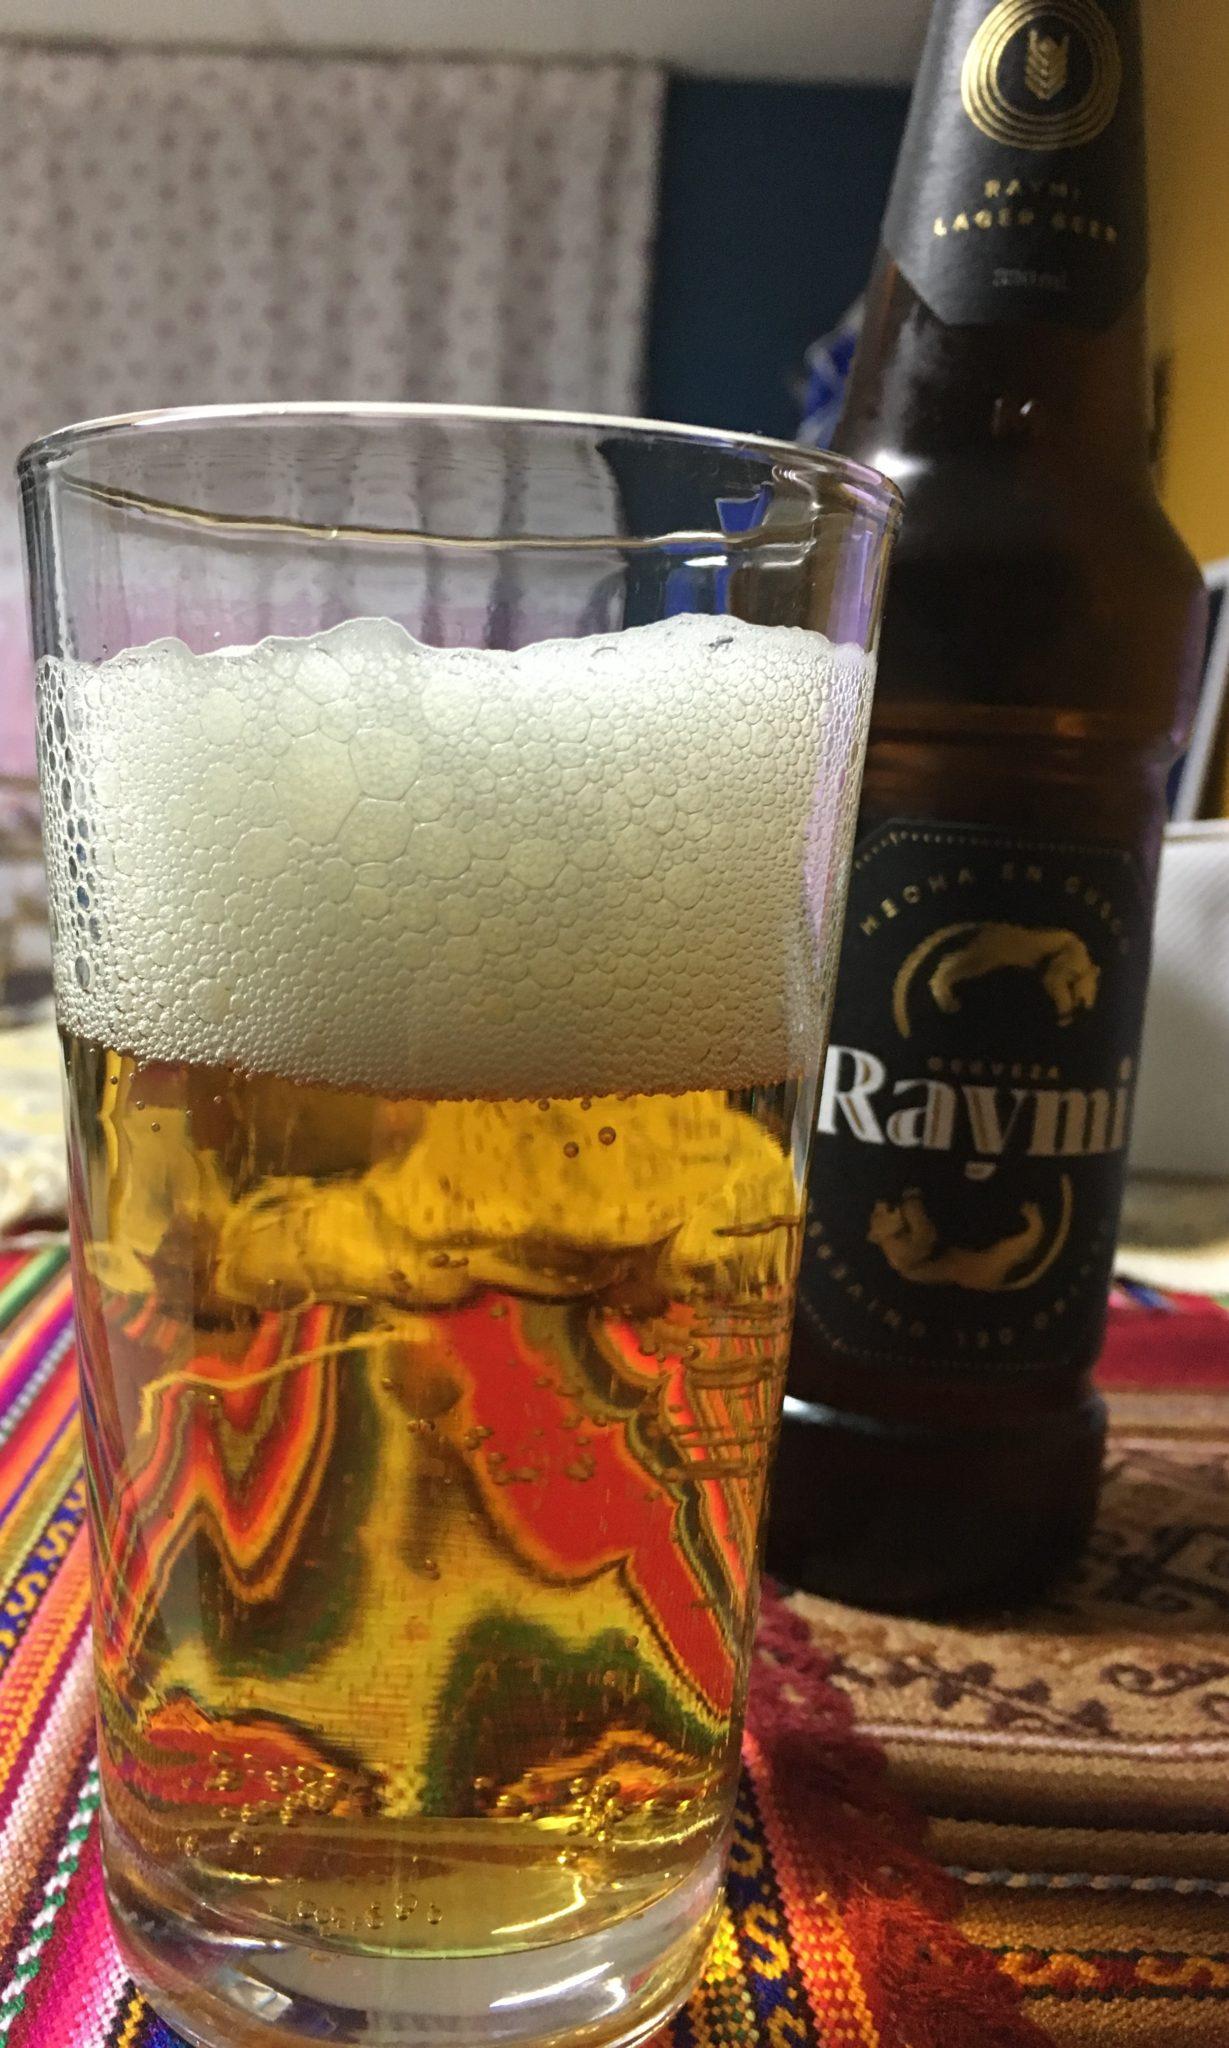 ペルー, クスコ, ビール, Raymi